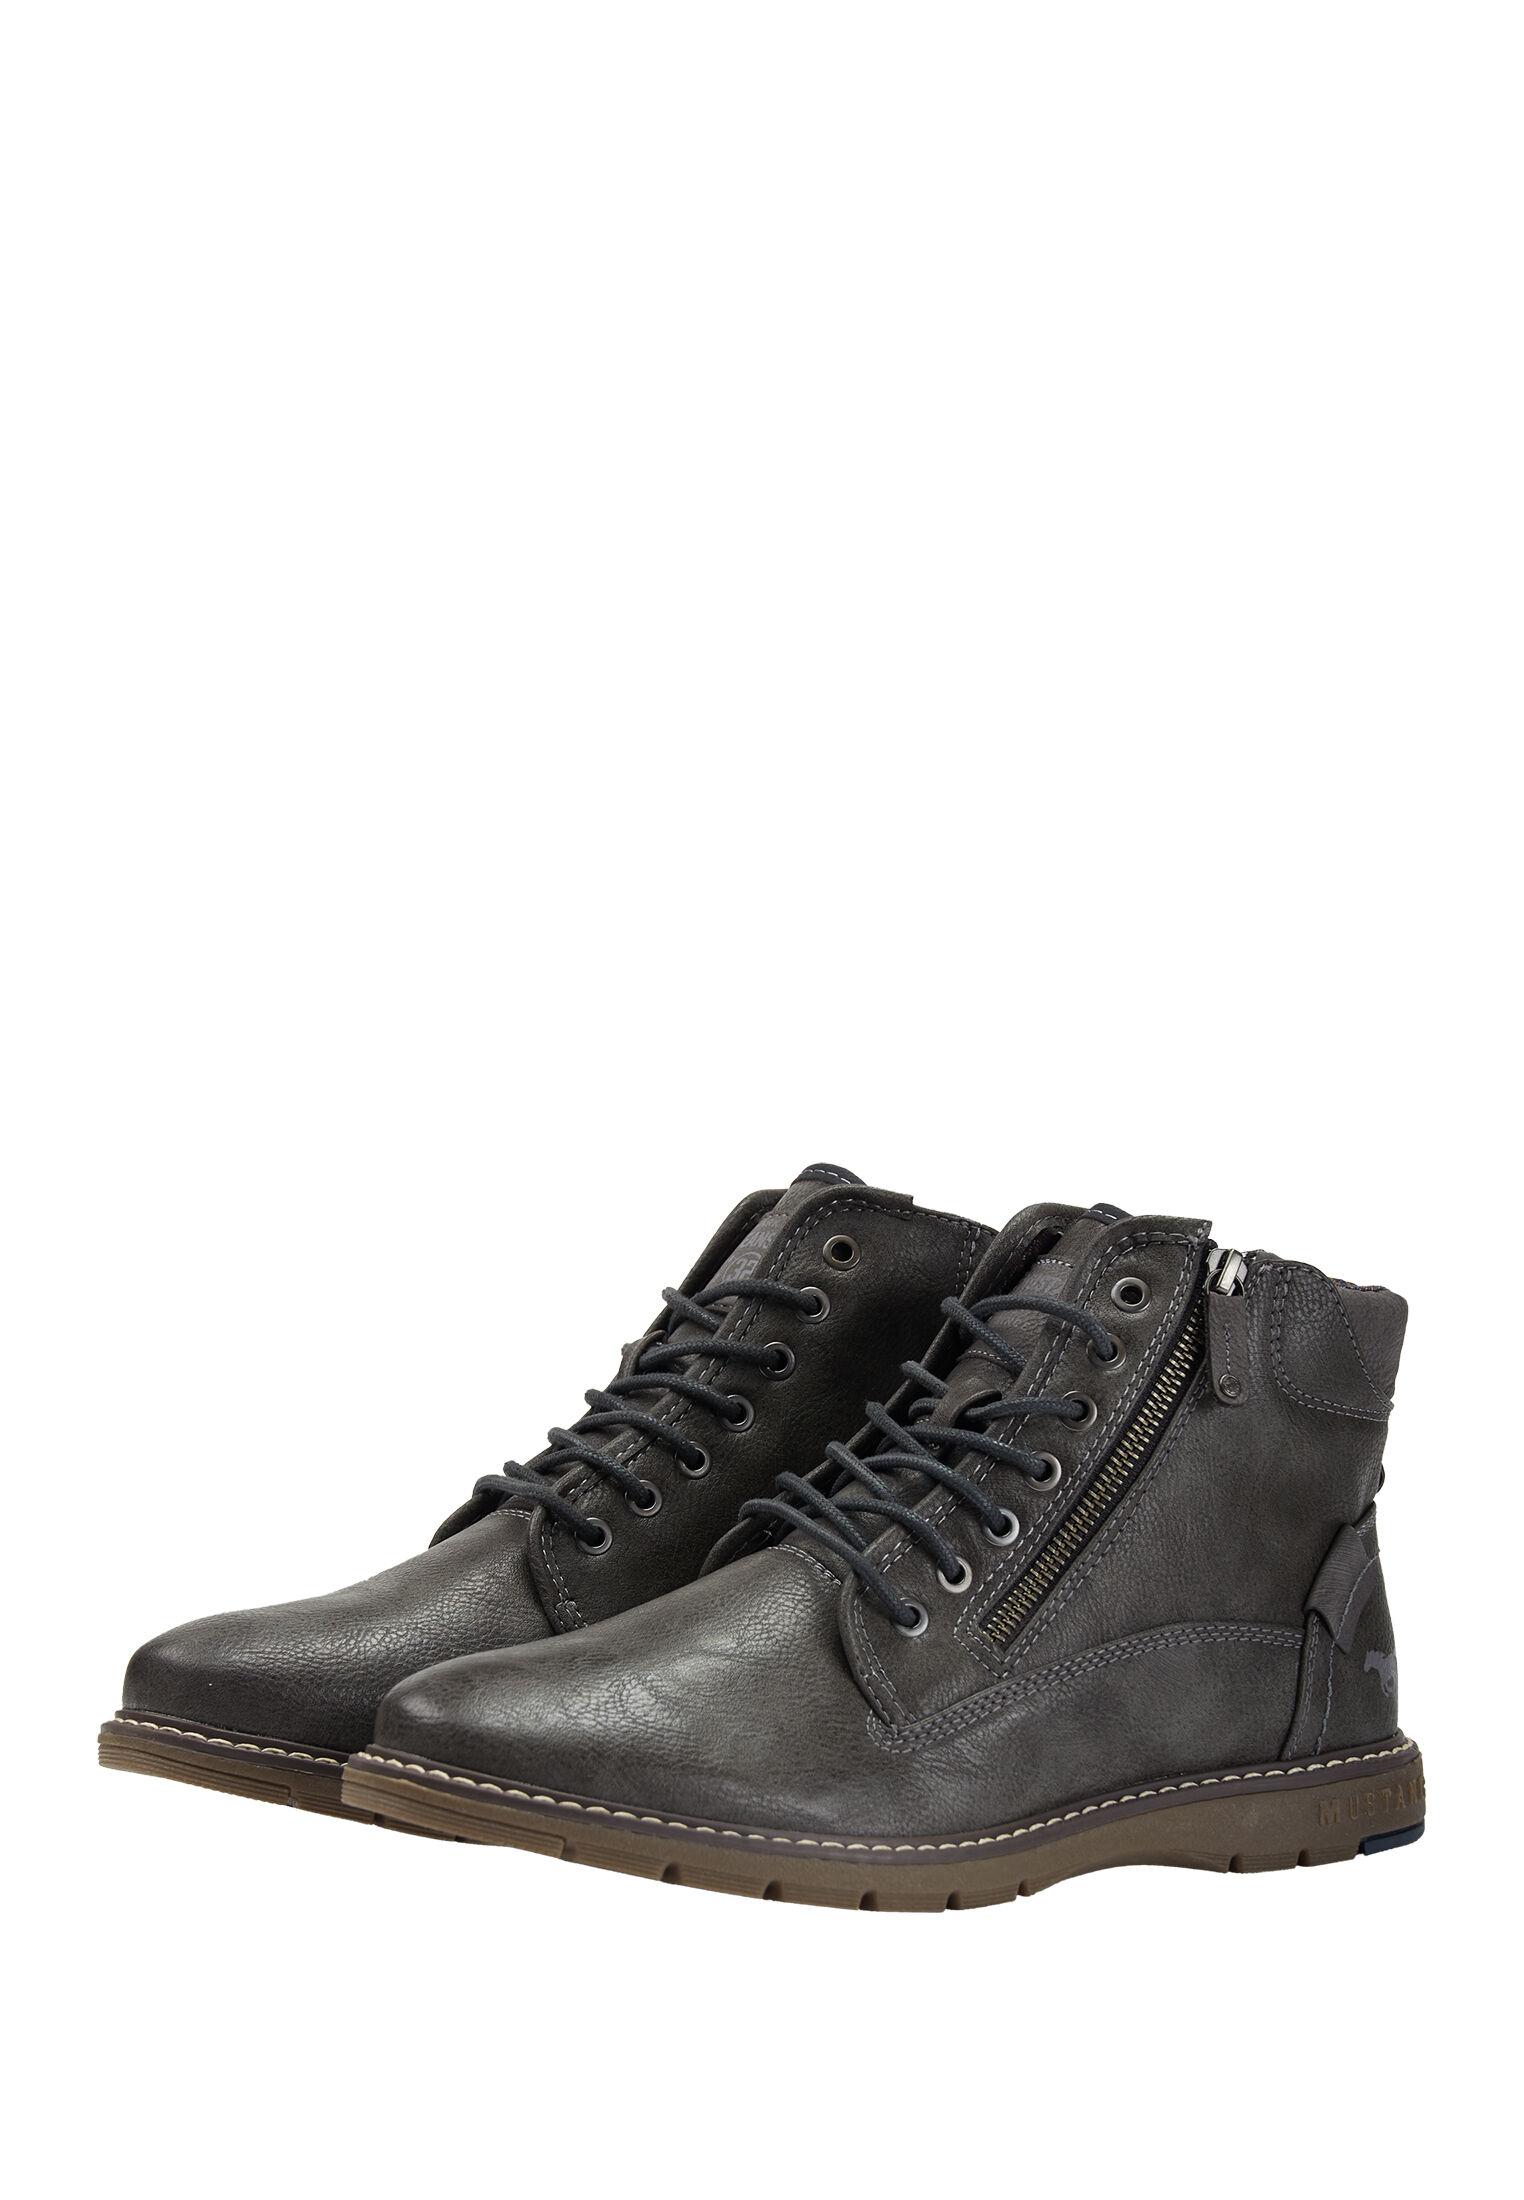 Boots und Stiefel für Herren von MUSTANG Jeans | Jetzt bestellen